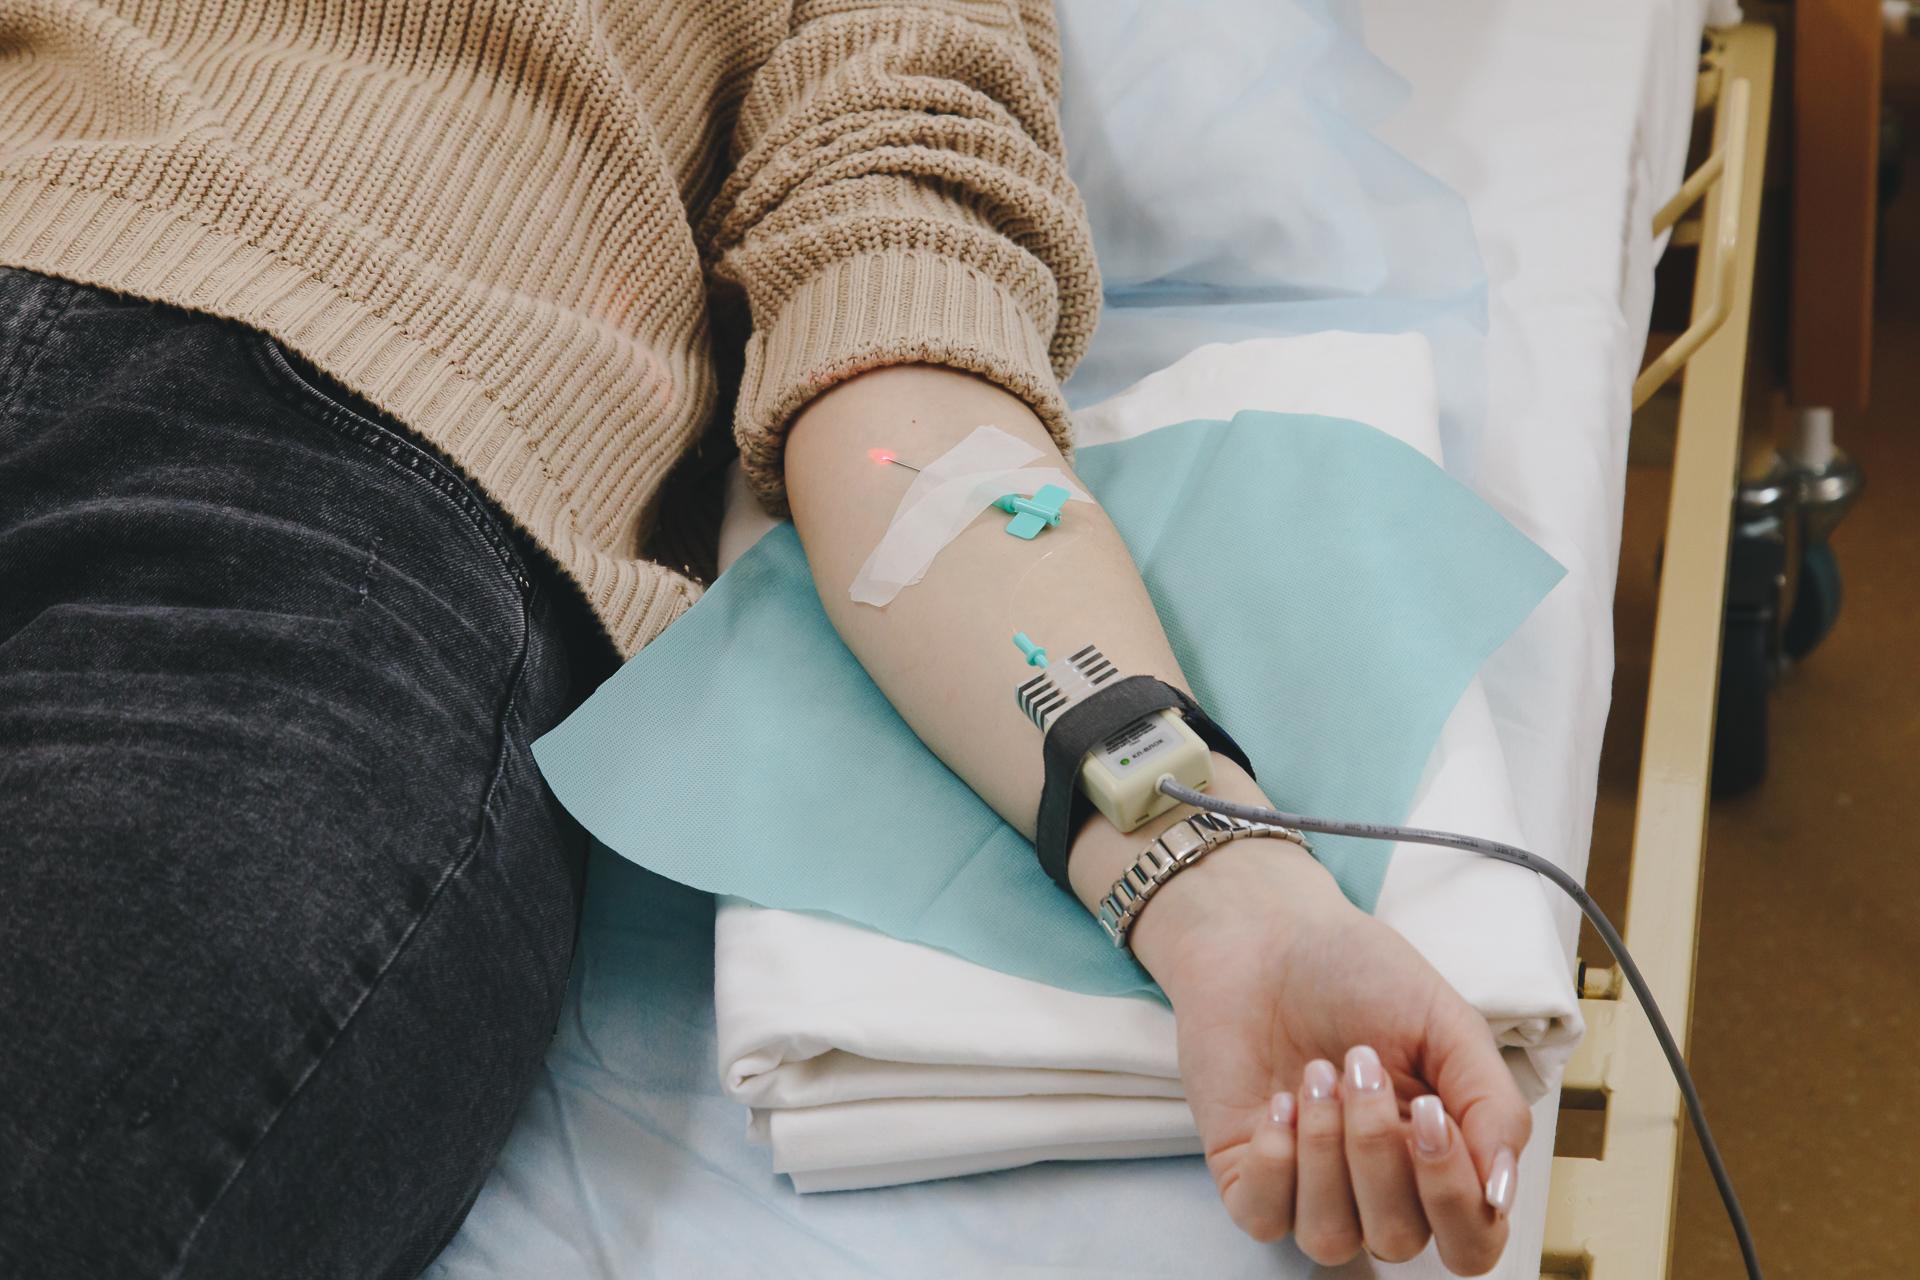 Врачи сочетают в курсе восстановительных процедур капельницы и внутримышечные инъекции